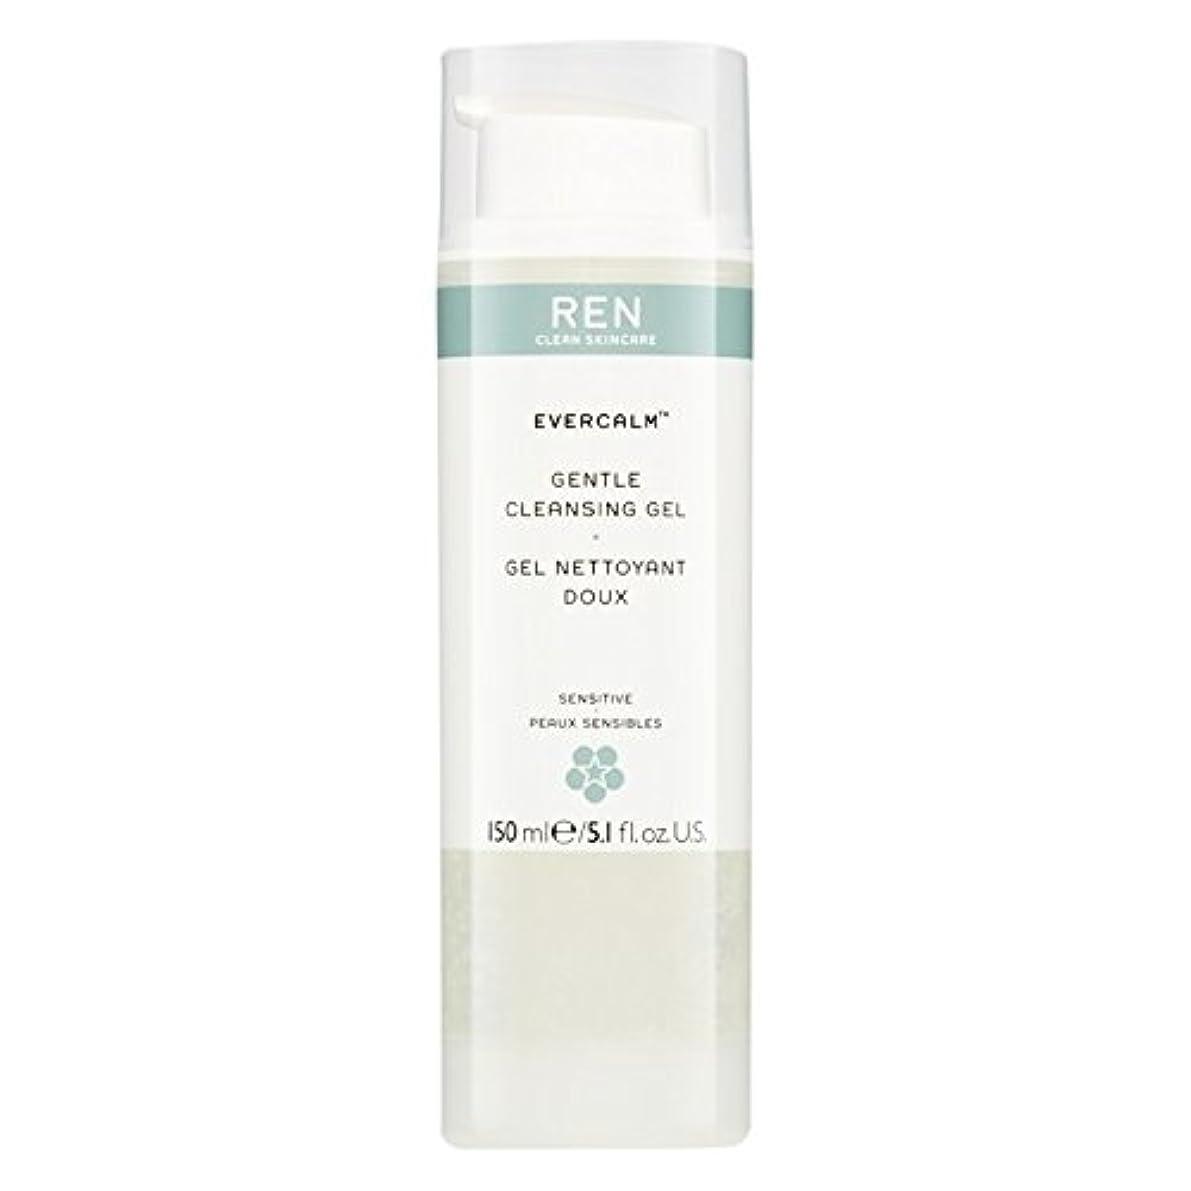 続編痛い降ろすRen Evercalm優しいクレンジングジェル、150ミリリットル (REN) (x6) - REN Evercalm Gentle Cleansing Gel, 150ml (Pack of 6) [並行輸入品]